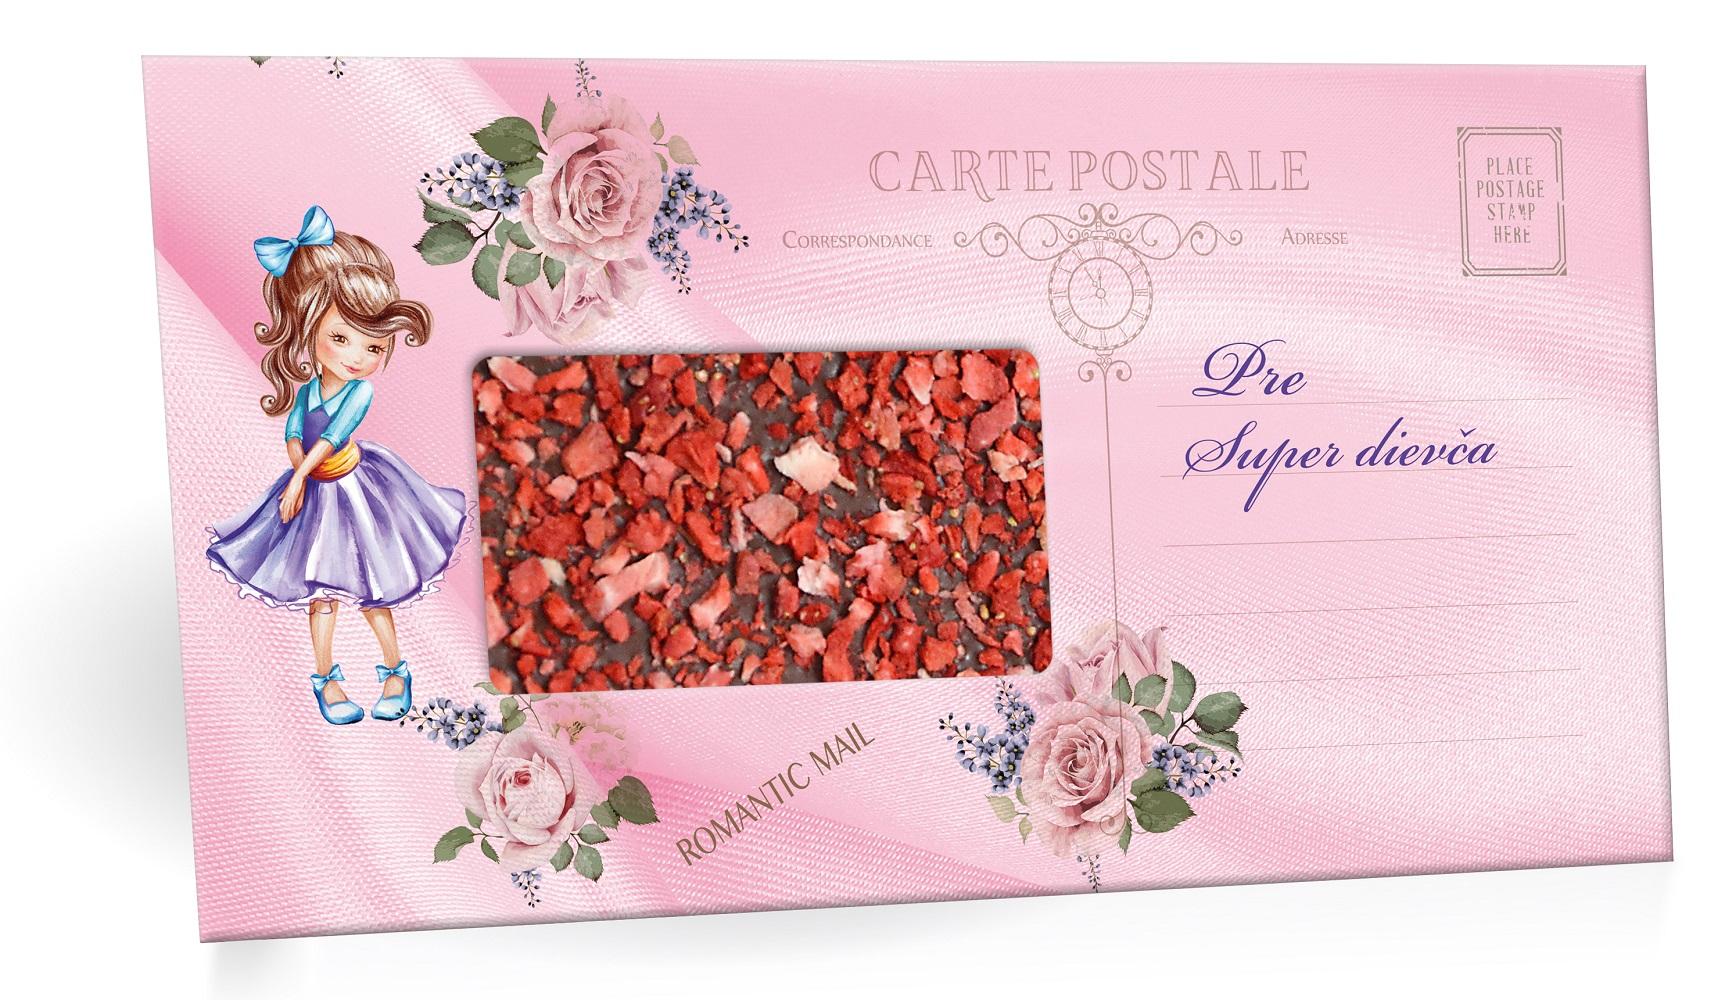 Pre super dievča - Mliečná čokoláda s posypom jahoda 91,5g SLOVENSKY